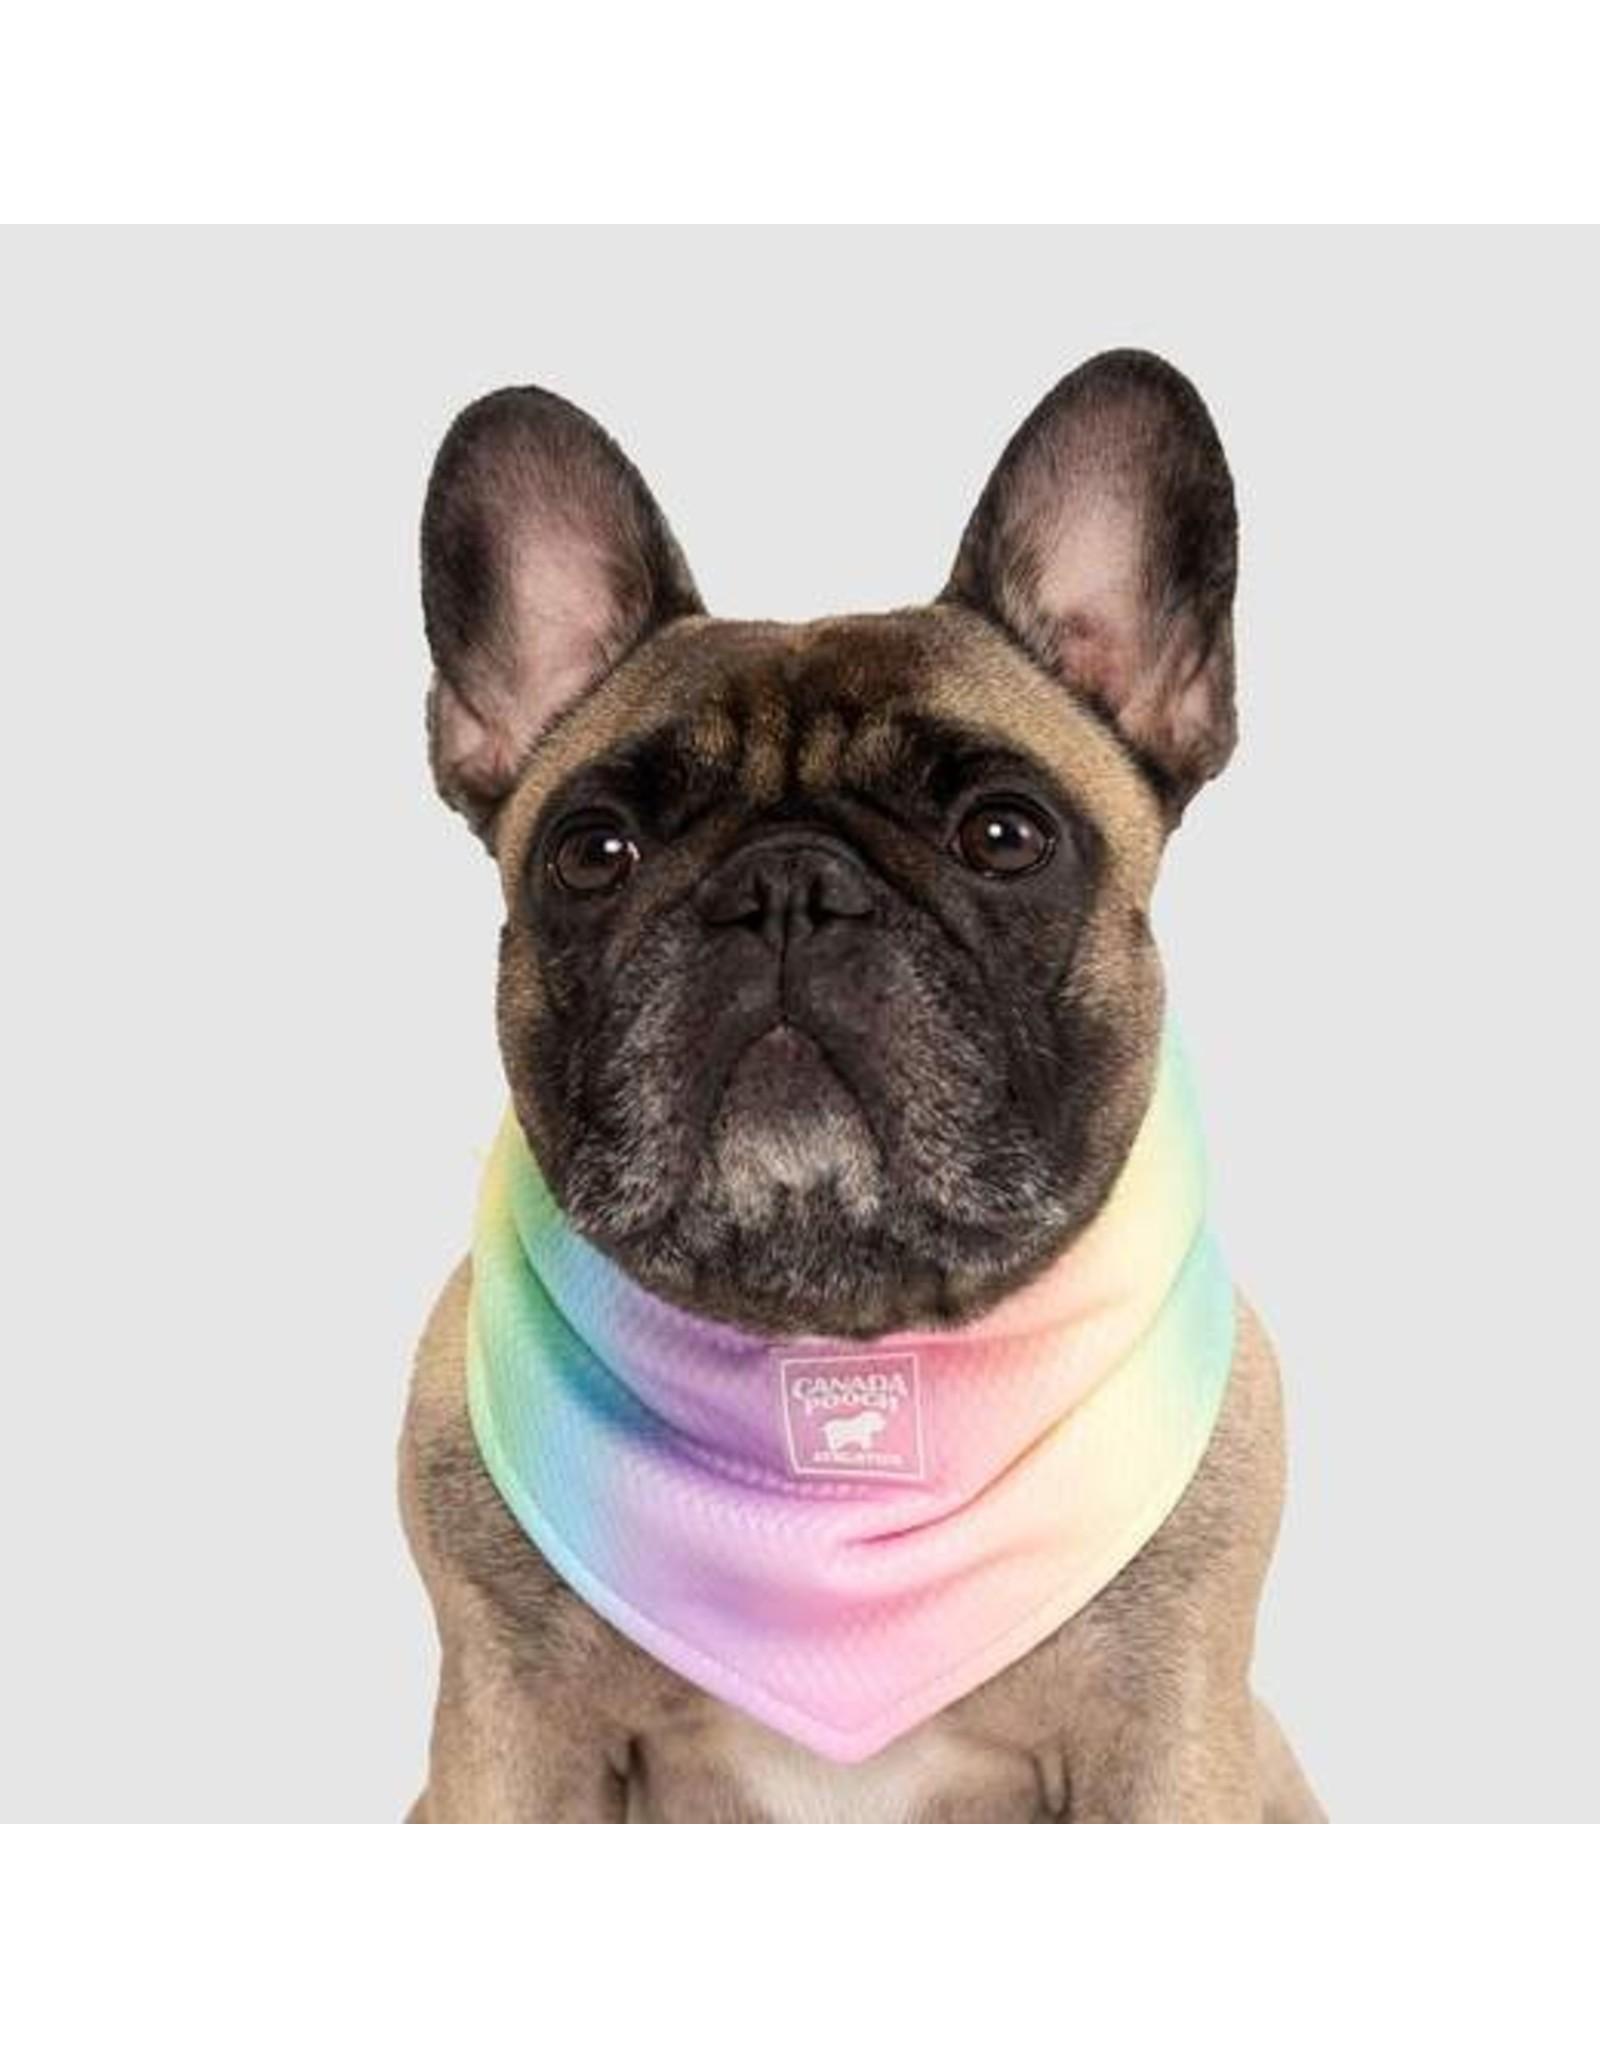 Canada Pooch Canada Pooch Chill Seeker Bandana Rainbow